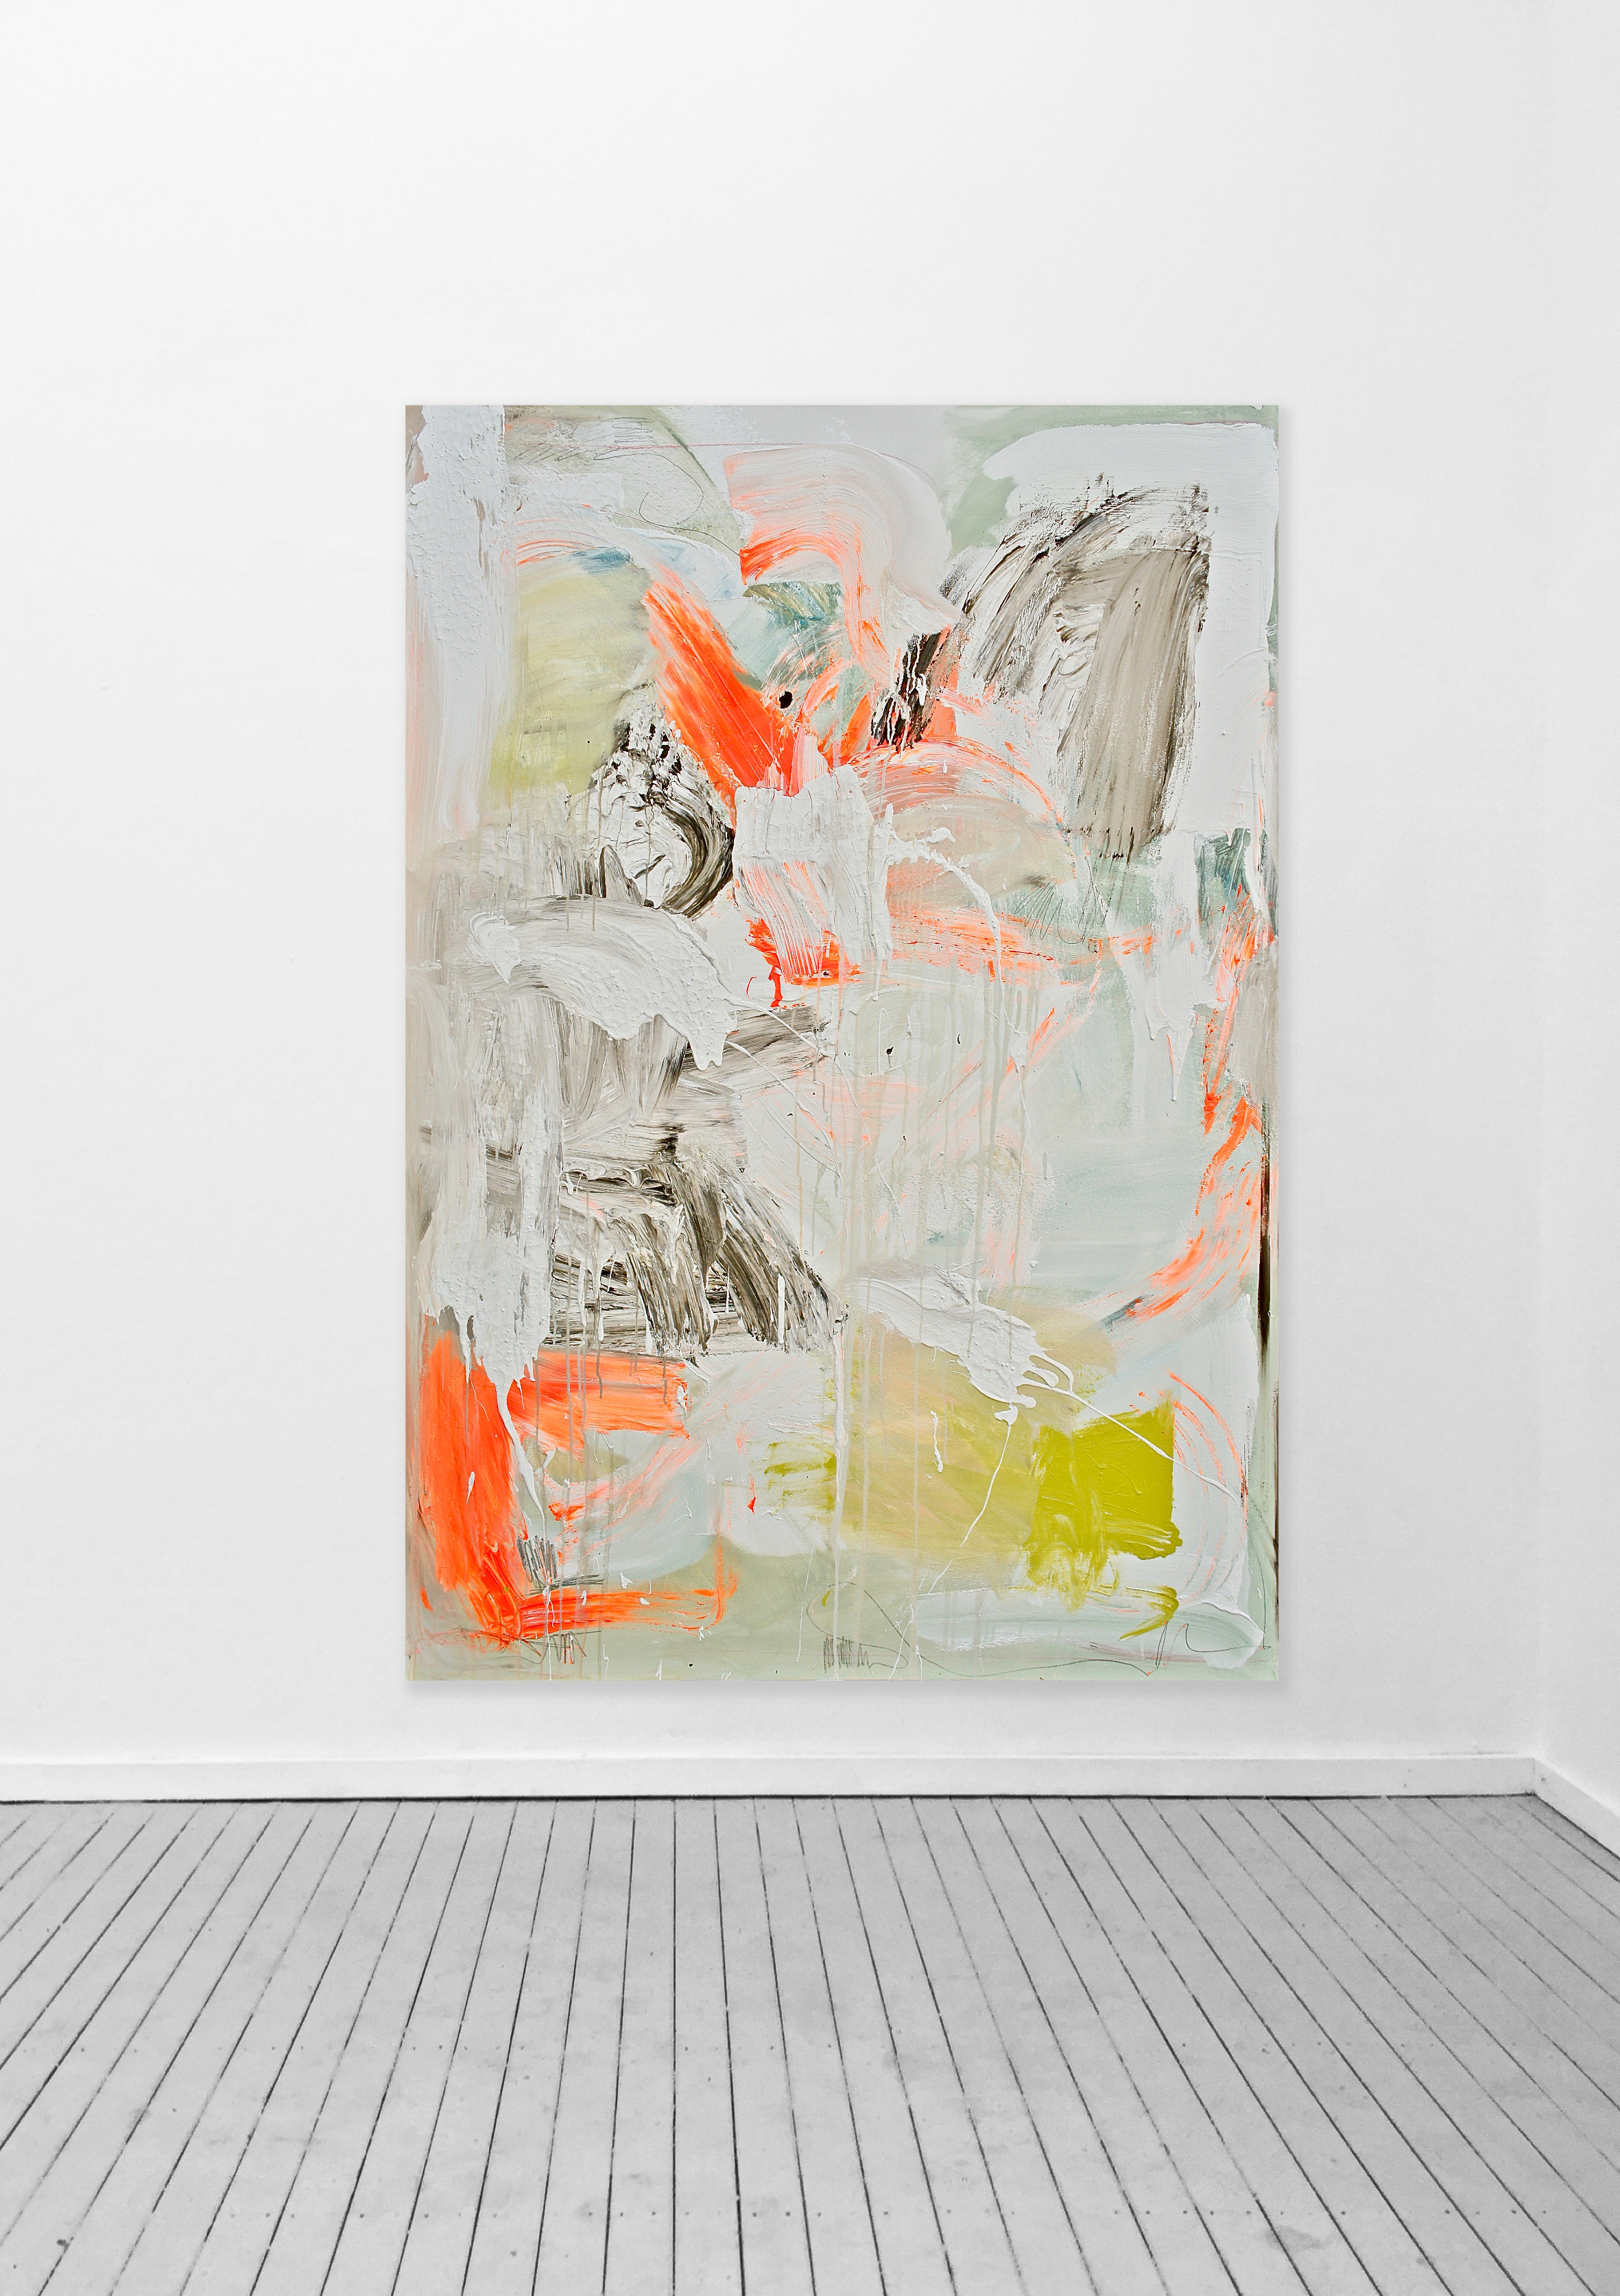 Theresa Kallrath KallART Artist from Sweden Summer Art Contemporary Art New Love Artfair 2018 Remind me to forget